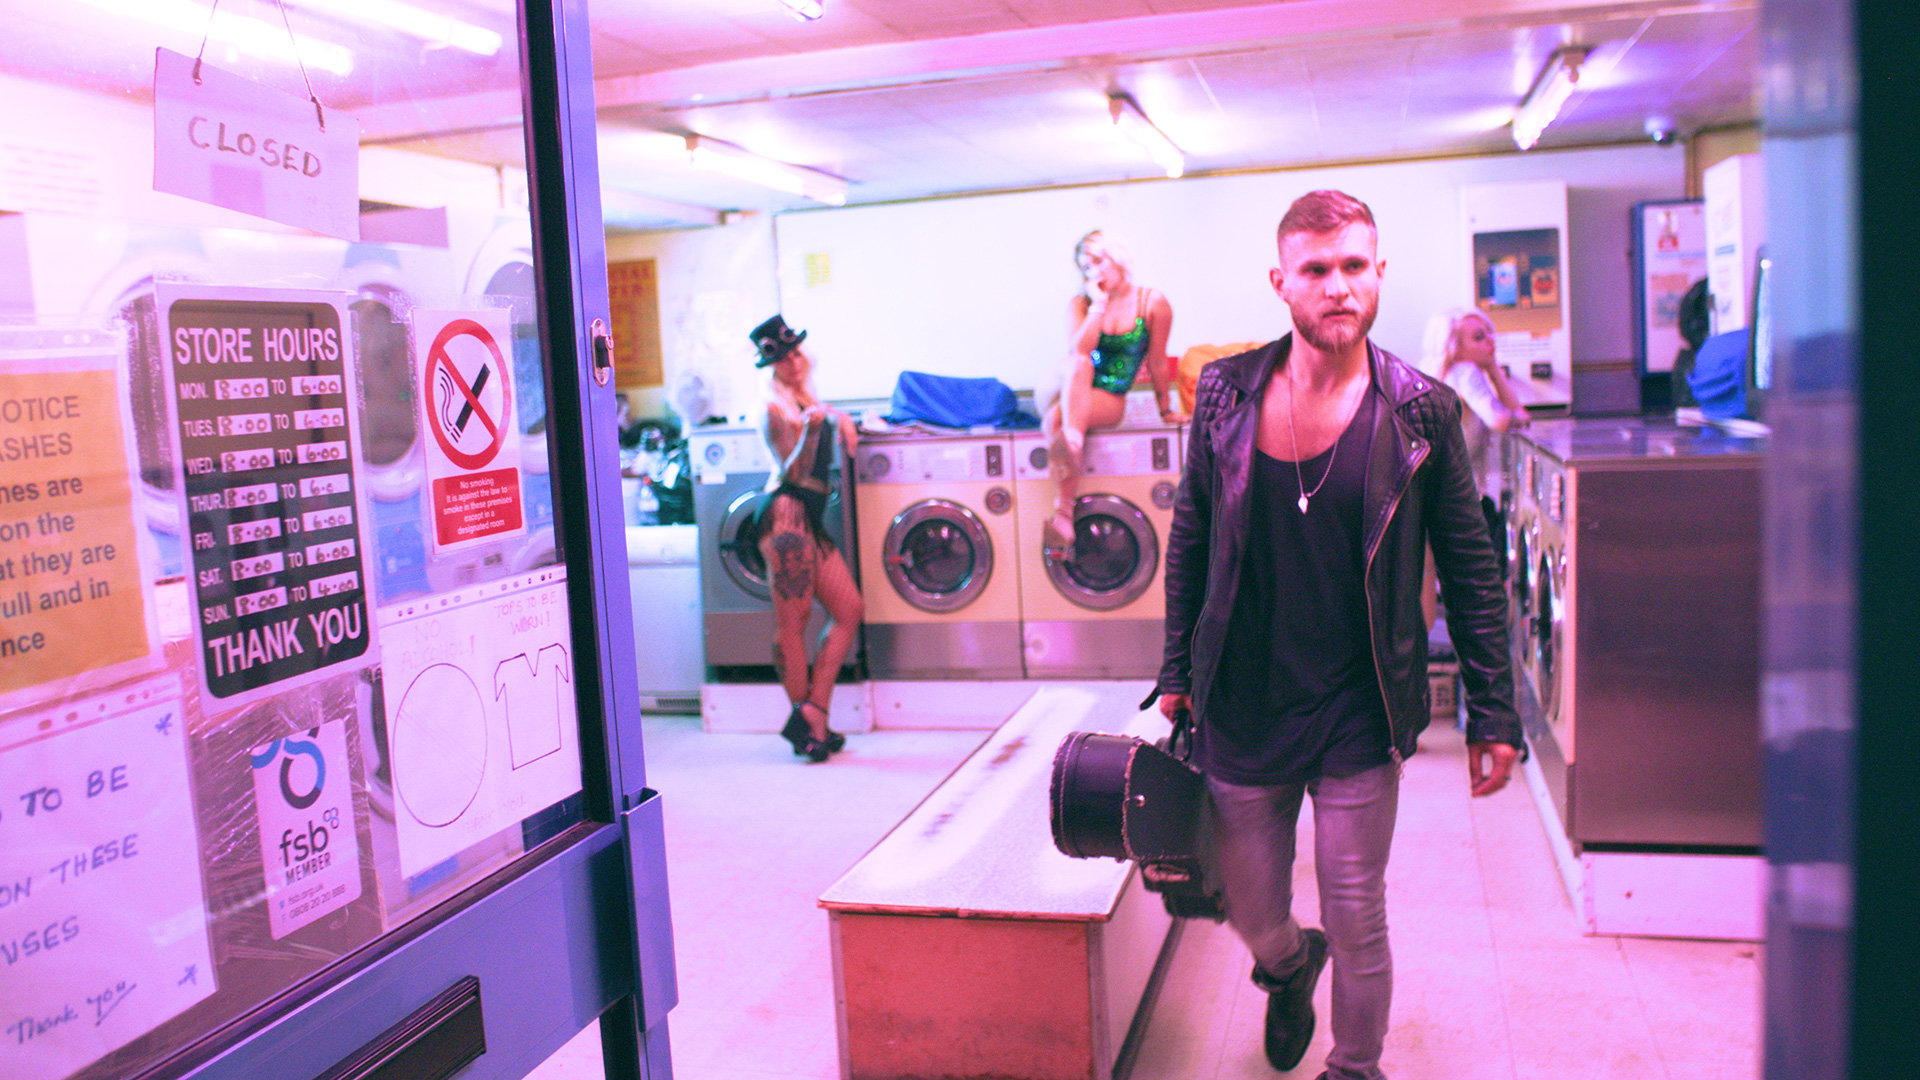 Dirty-Laundry_008_vfx.00_05_56_19.Still064.jpg